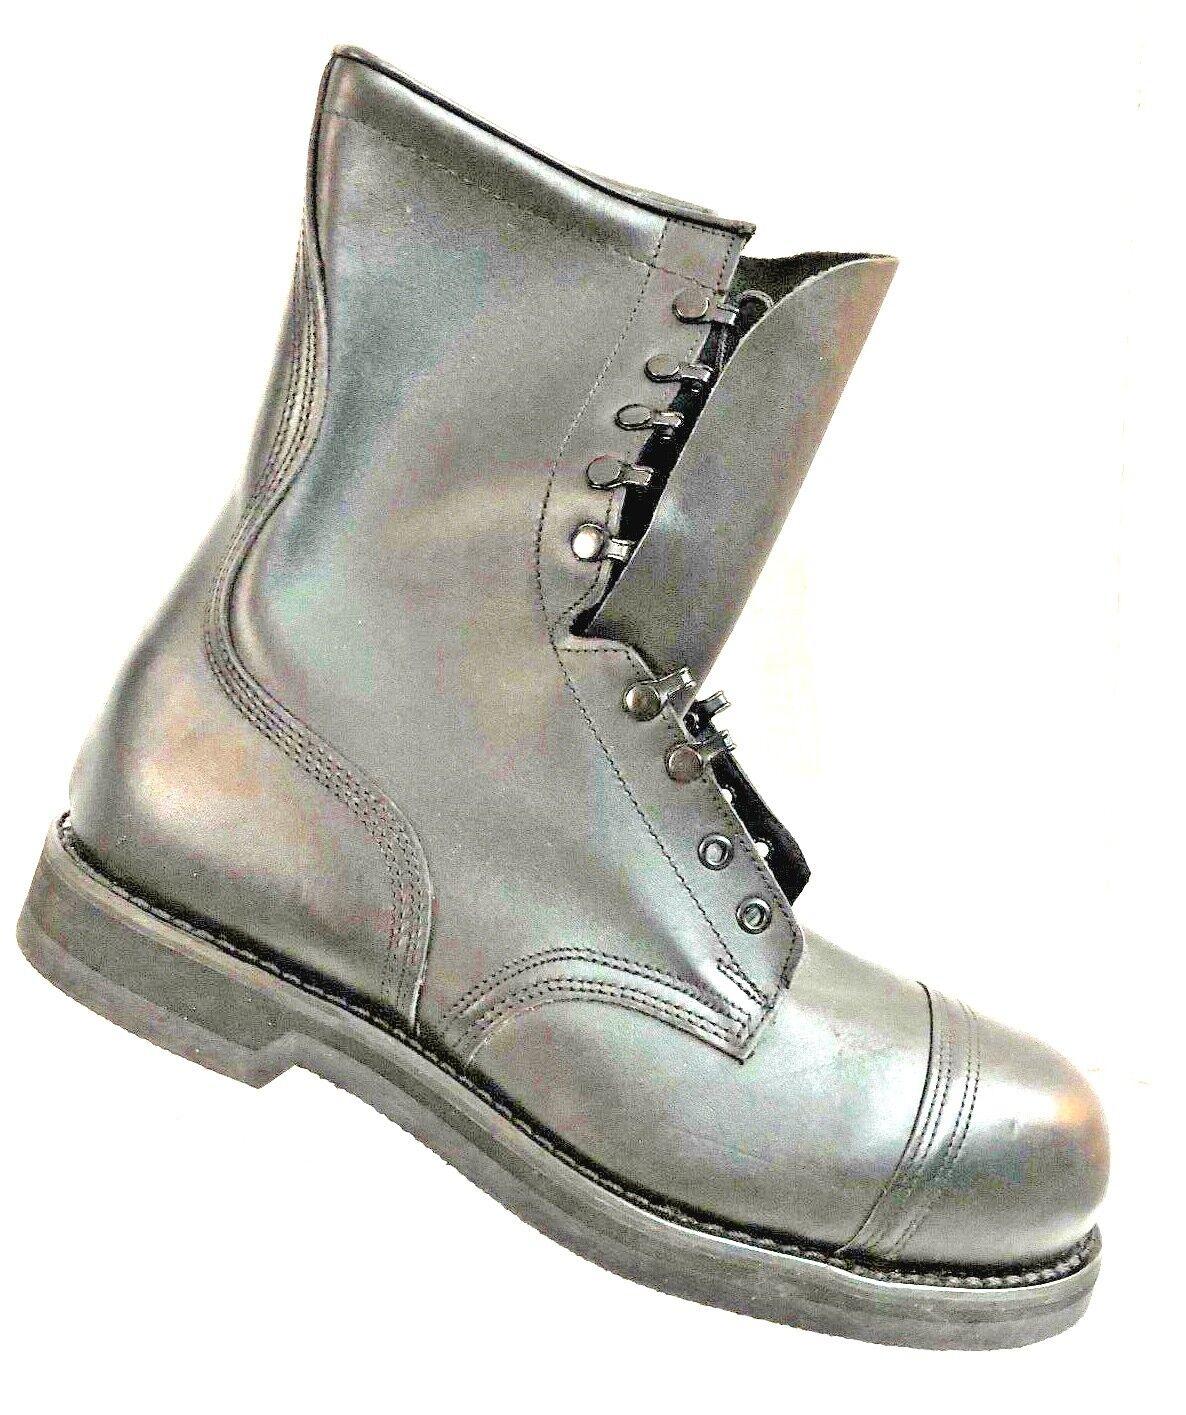 Addison zapatos Company Negro para Hombre De Combate Militar botas Zapato W Nuevo con etiquetas